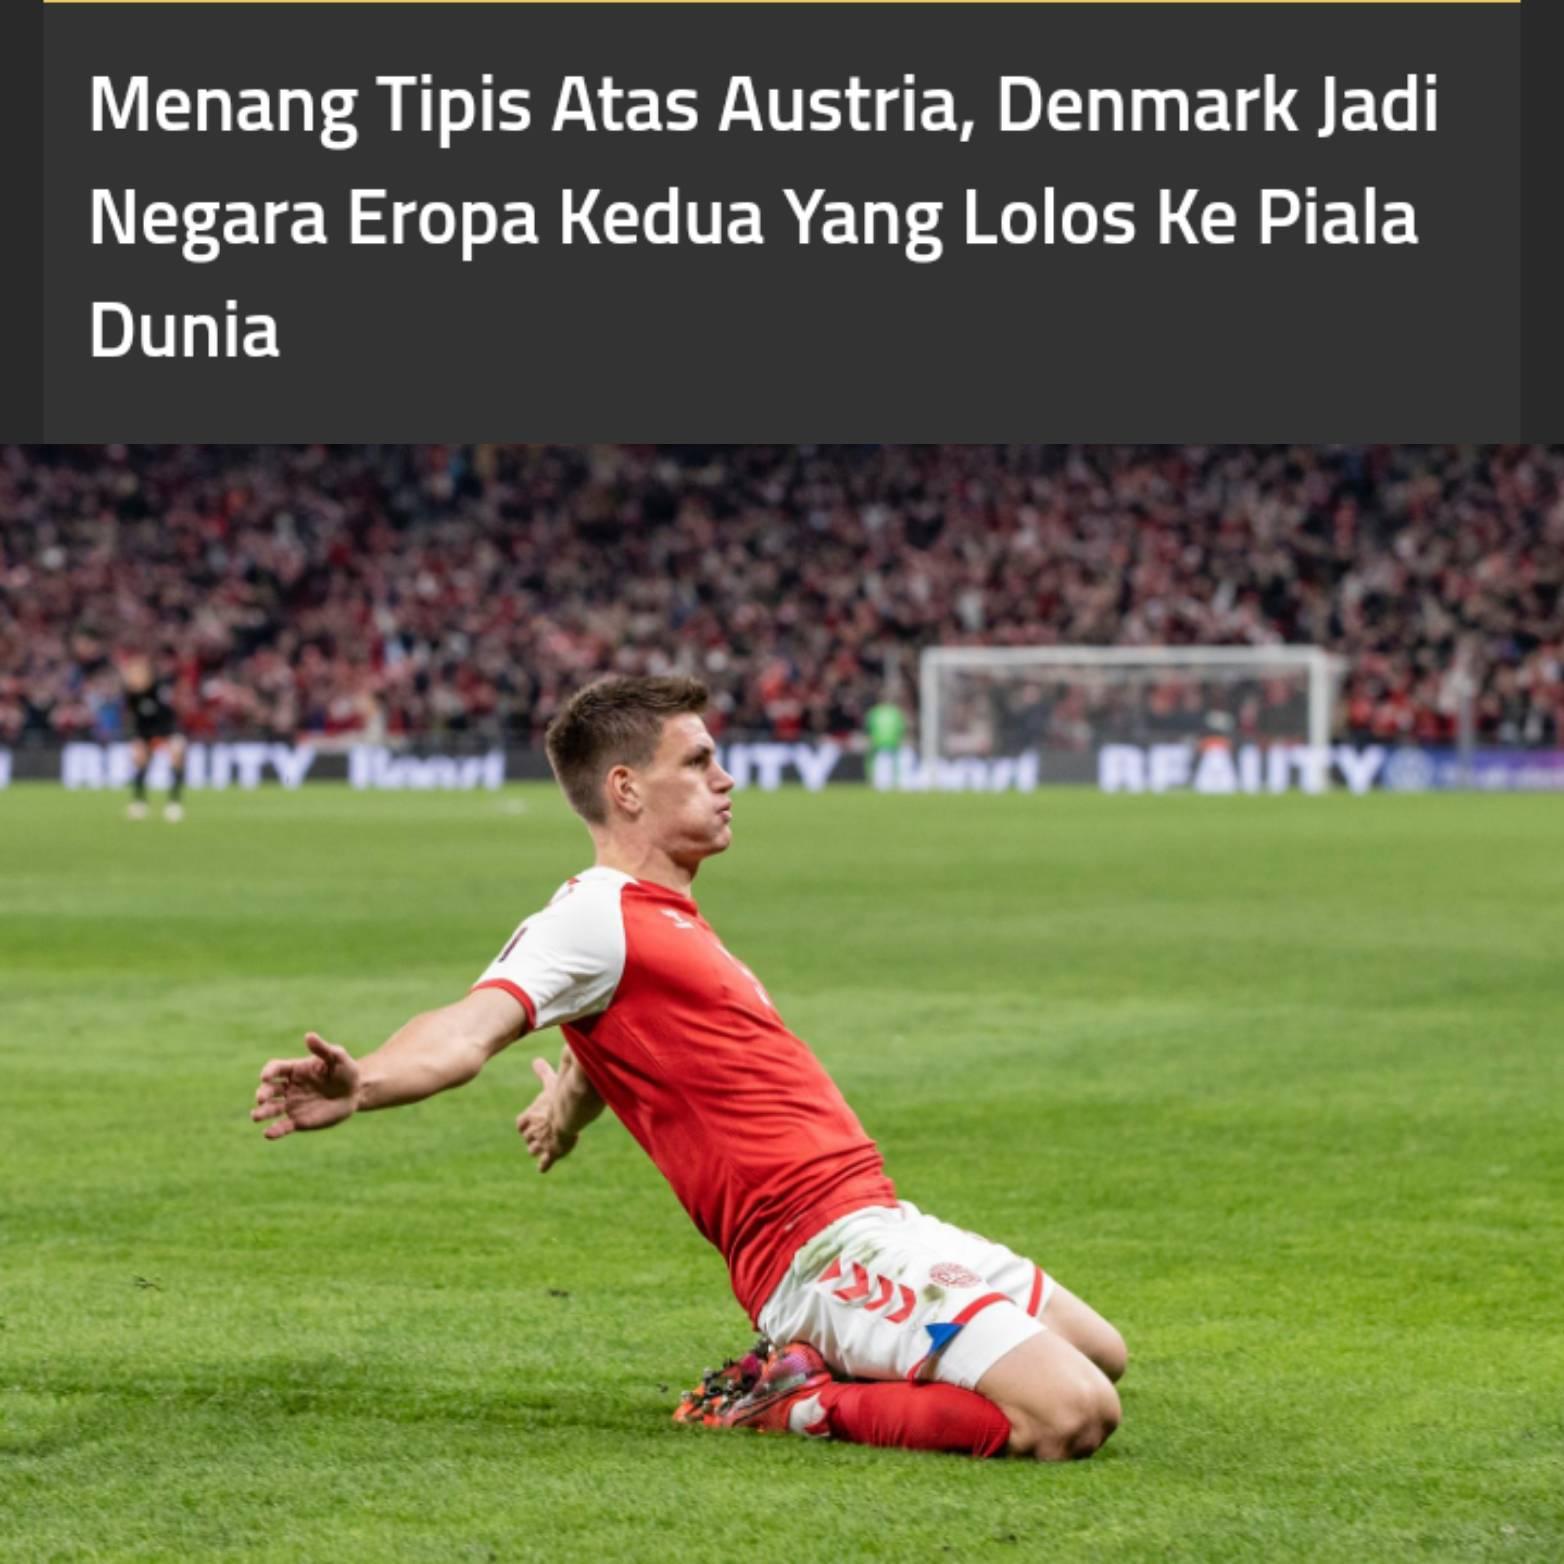 Denmark Twitter